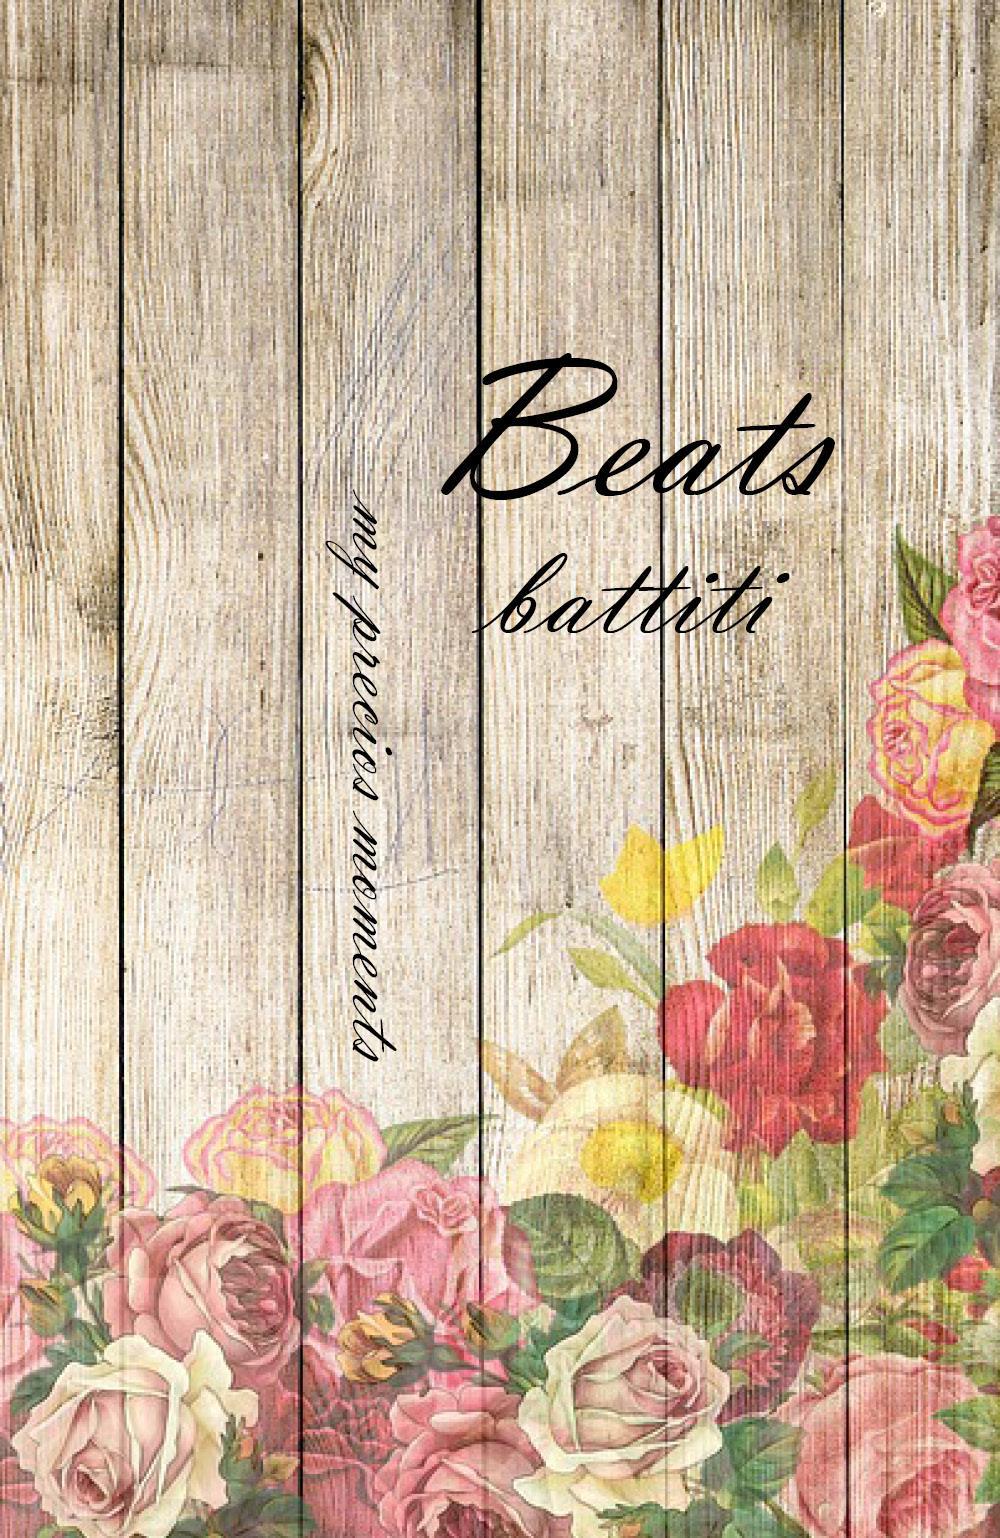 Beats... battiti